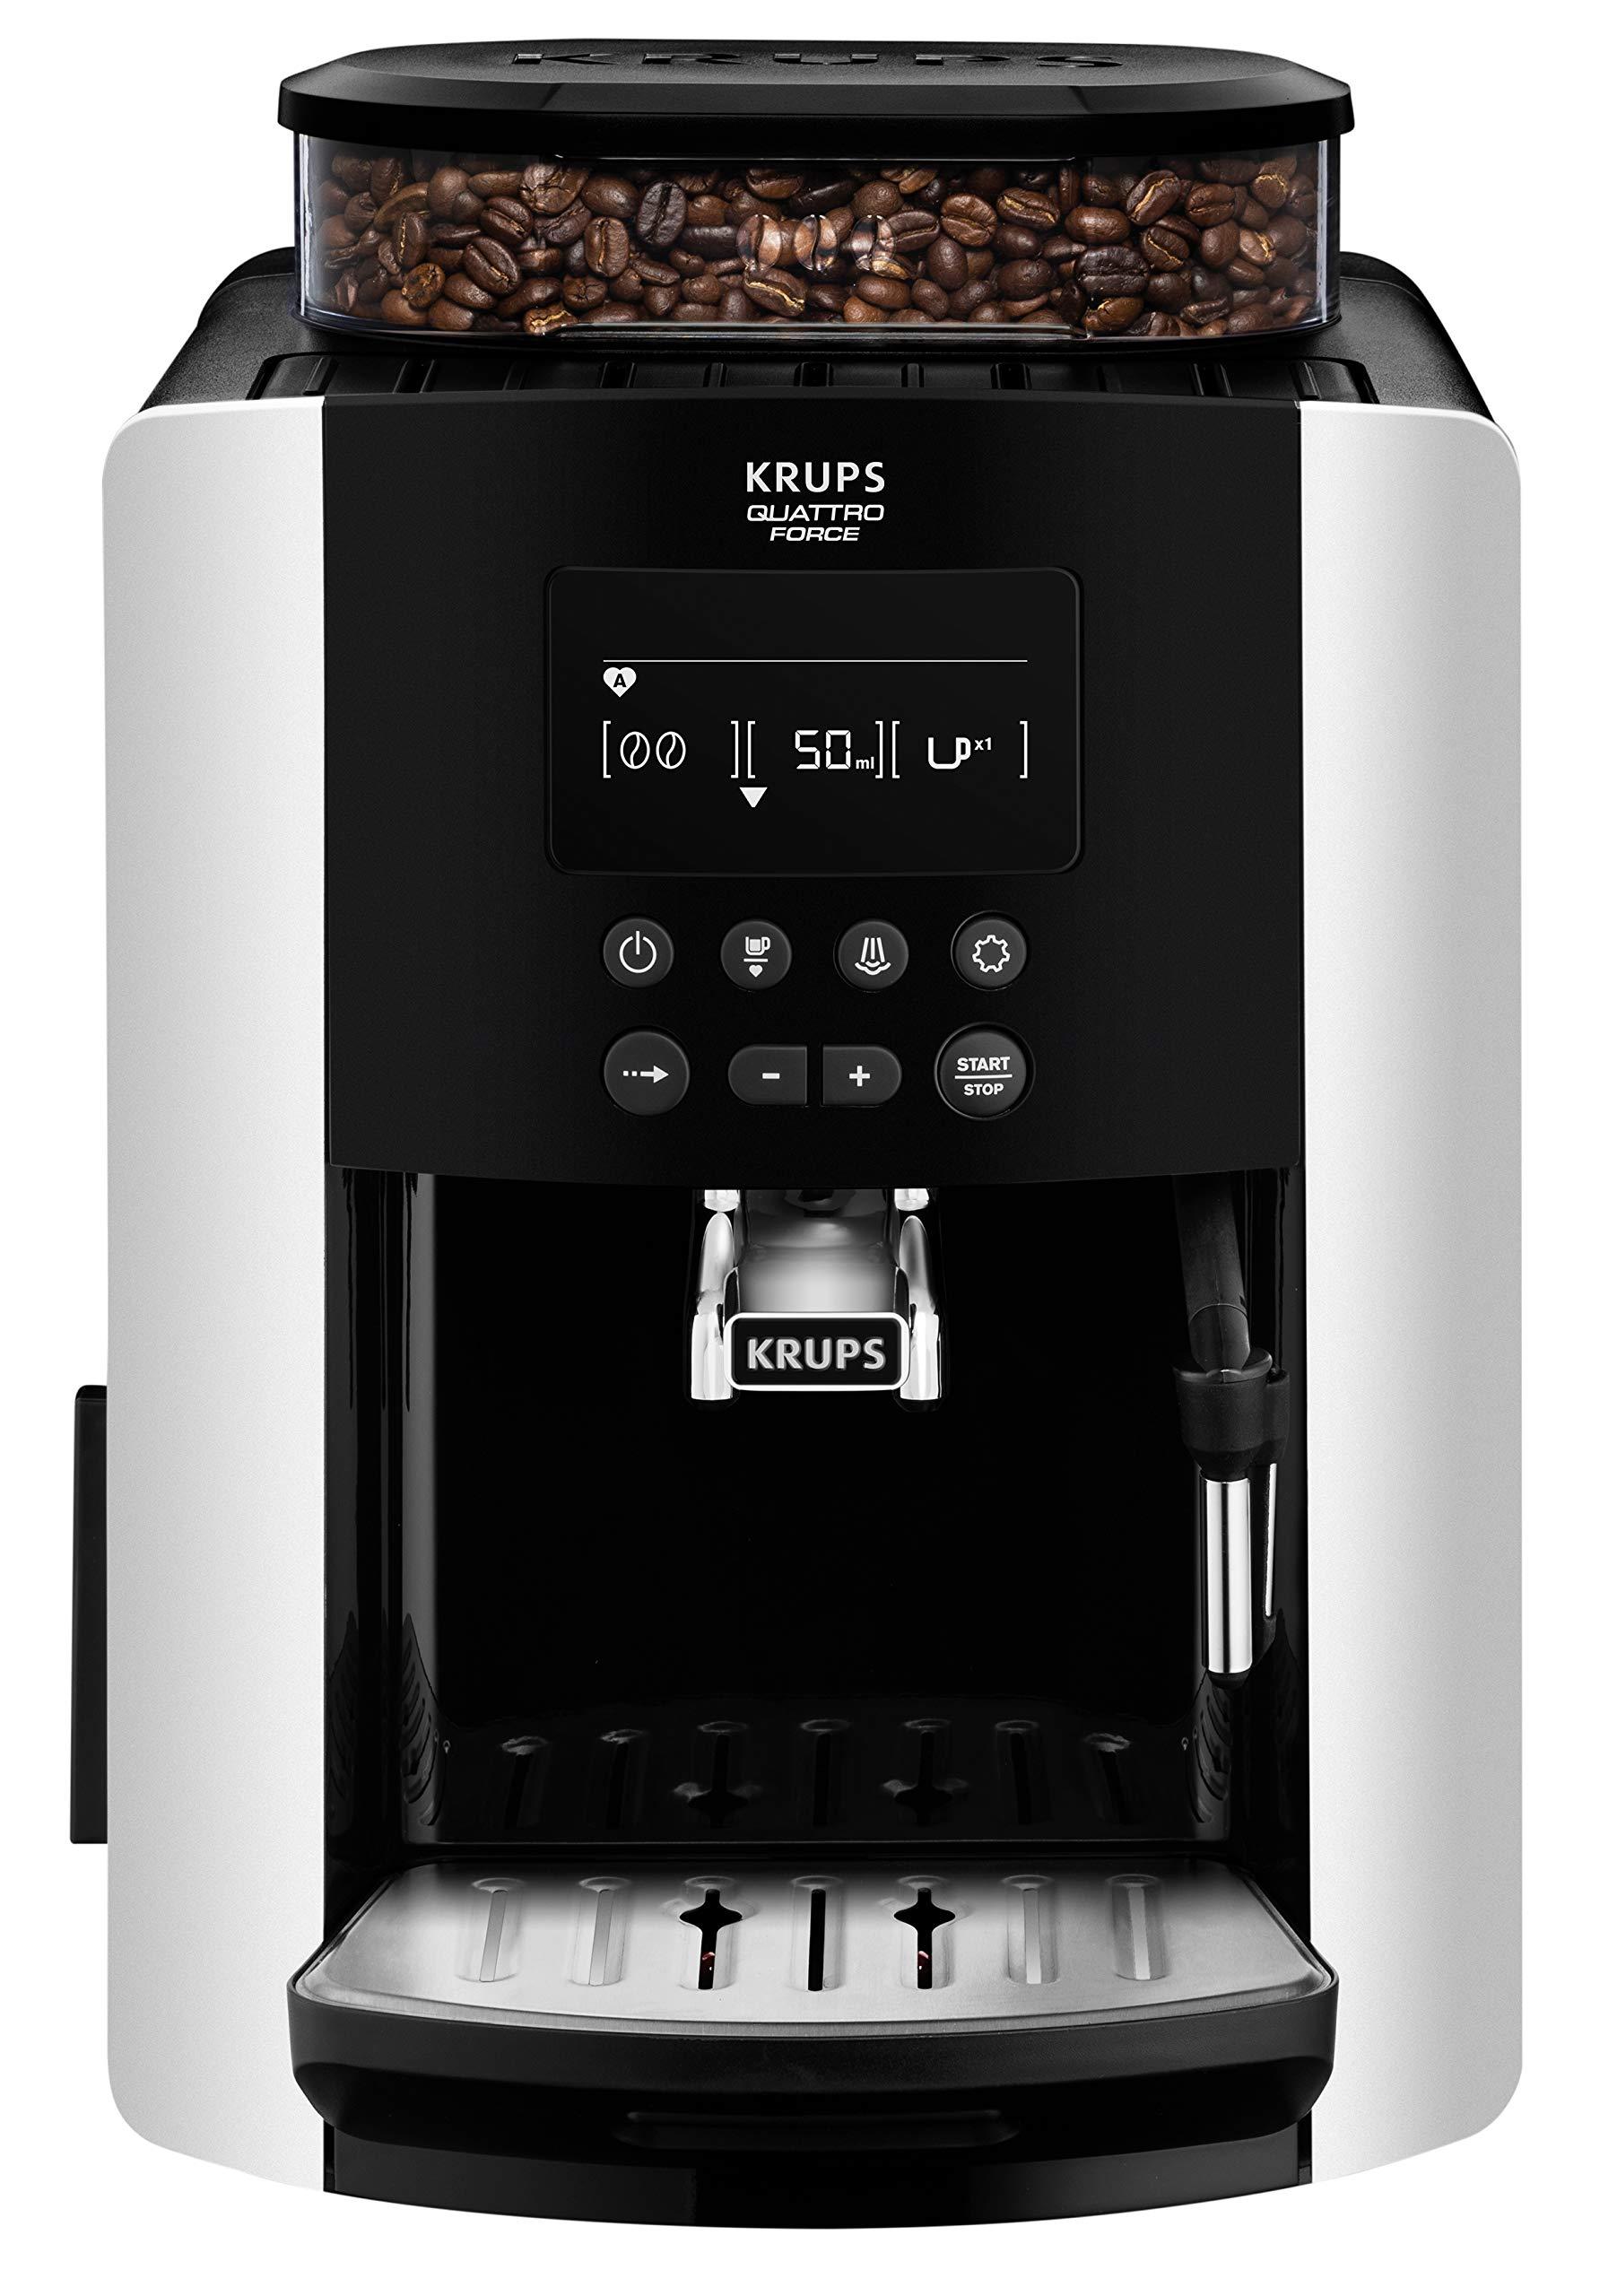 Krups-EA8178-Arabica-Display-Quattro-Force-Kaffeevollautomat-1450-Watt-Wassertankkapazitt-18l-Pumpendruck-15-Bar-LCD-Display-schwarzcarbon-optik